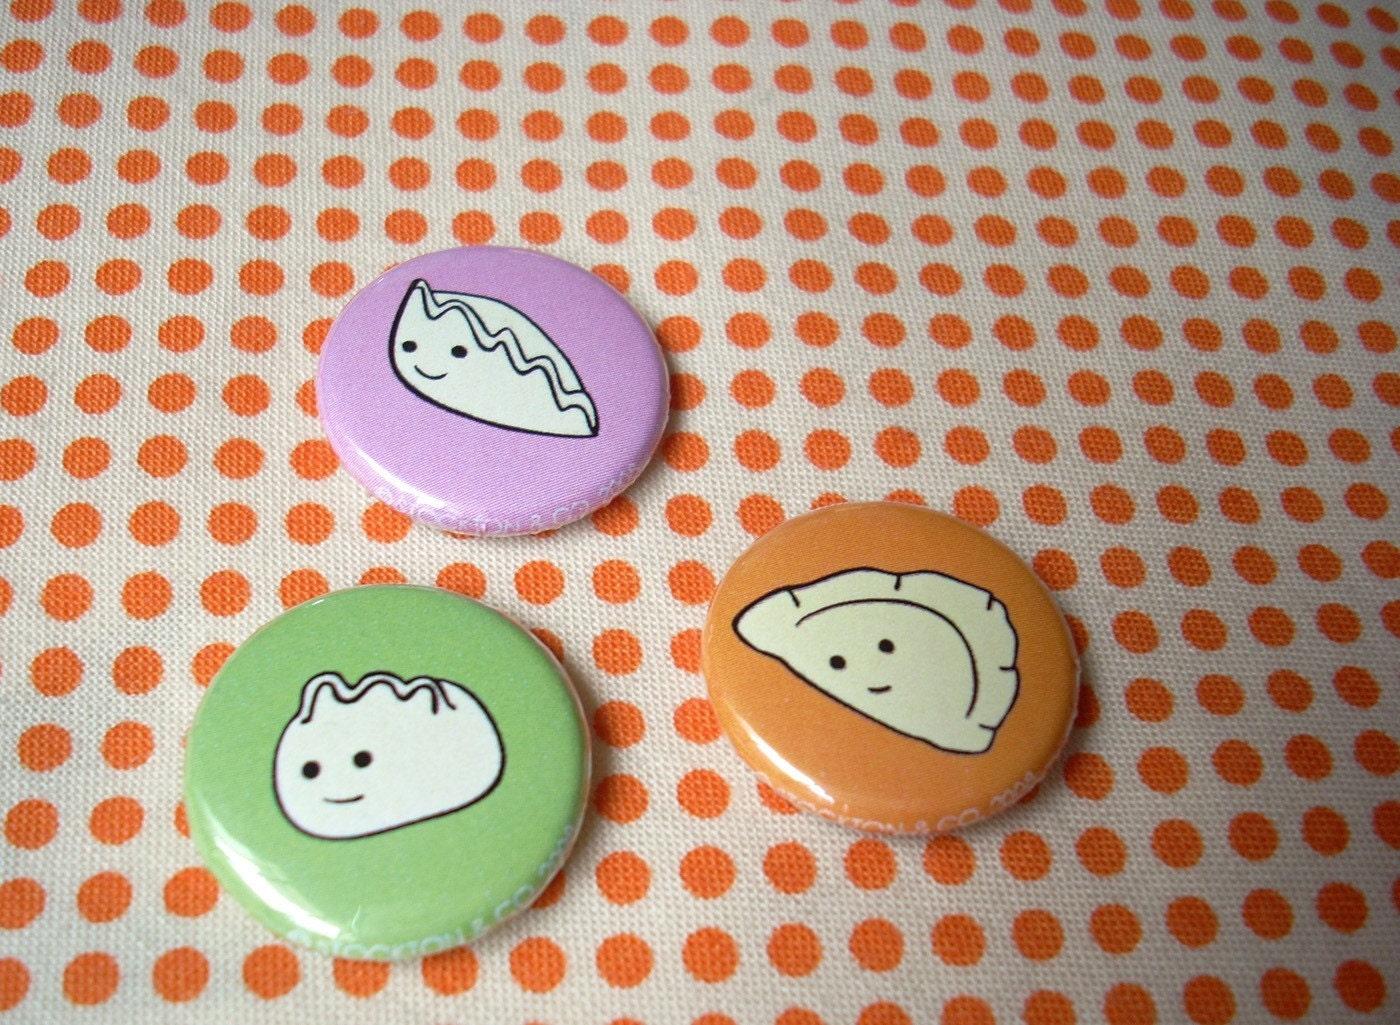 team international dumpling button set